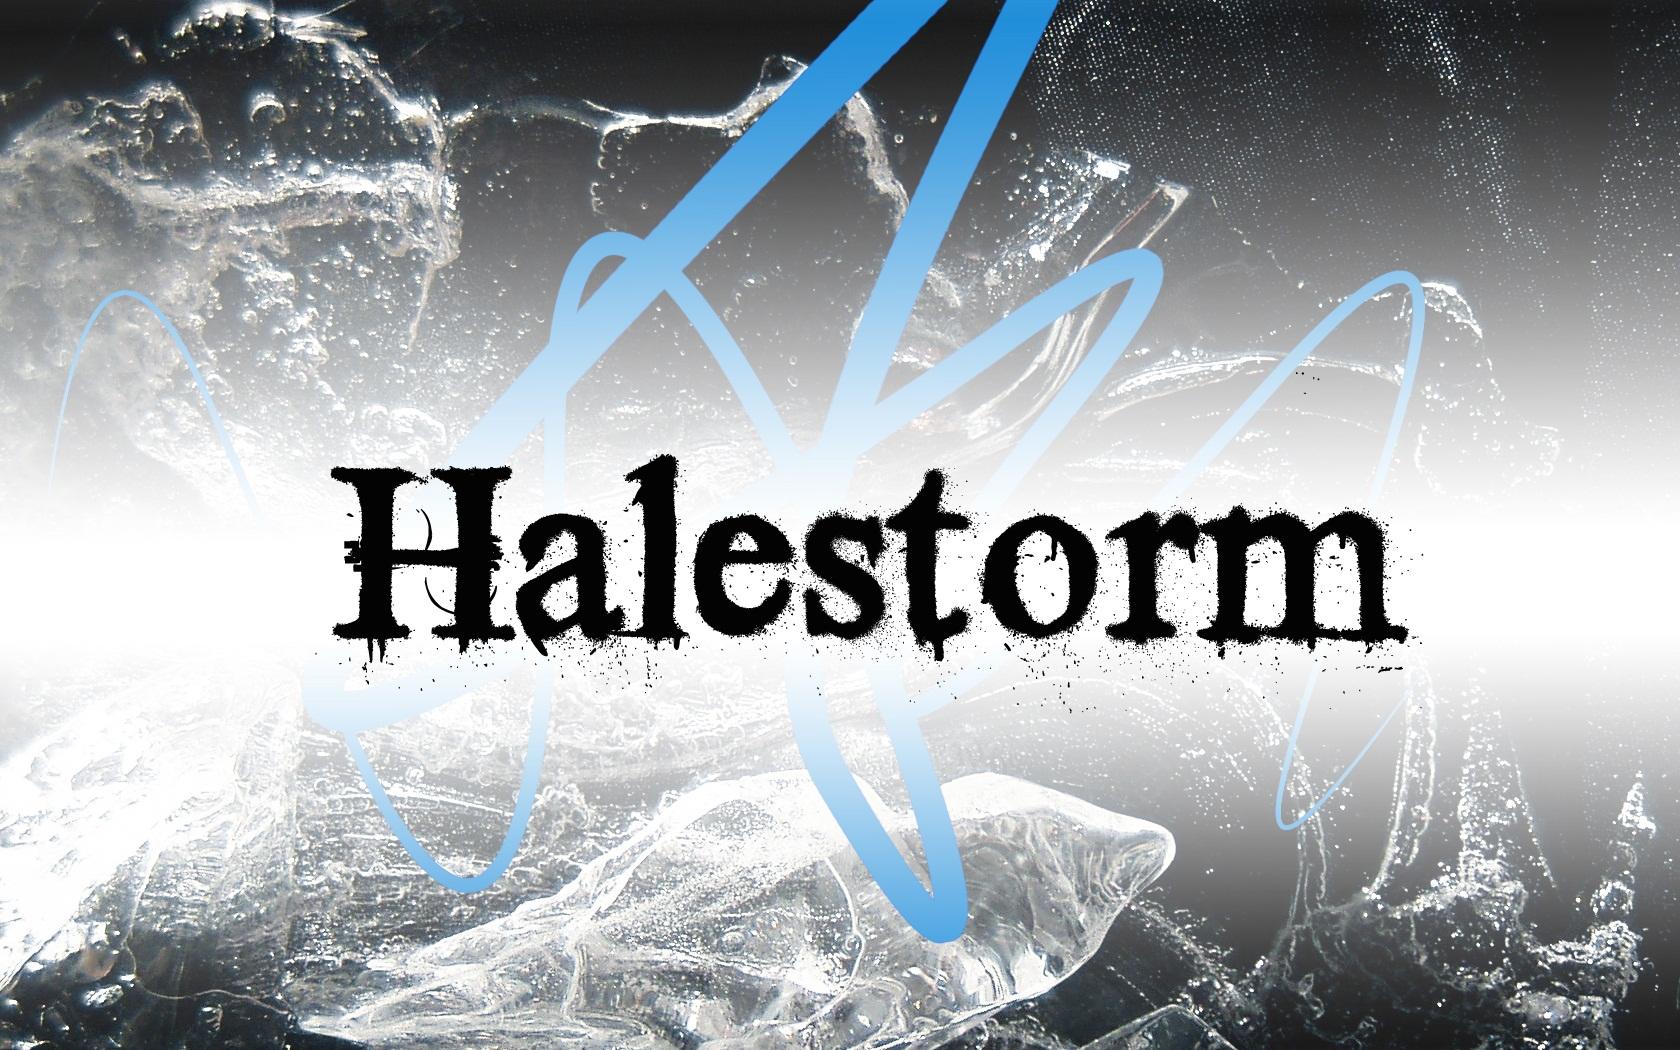 Top Halestorm Computer Wallpapers Desktop Wallpapers 1680x1050